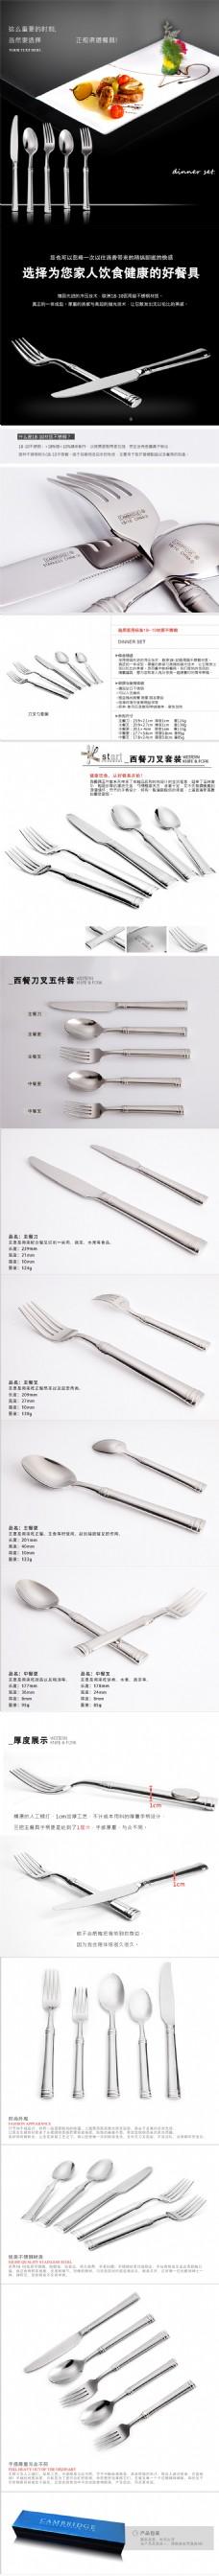 中国风中式餐具详情页模板